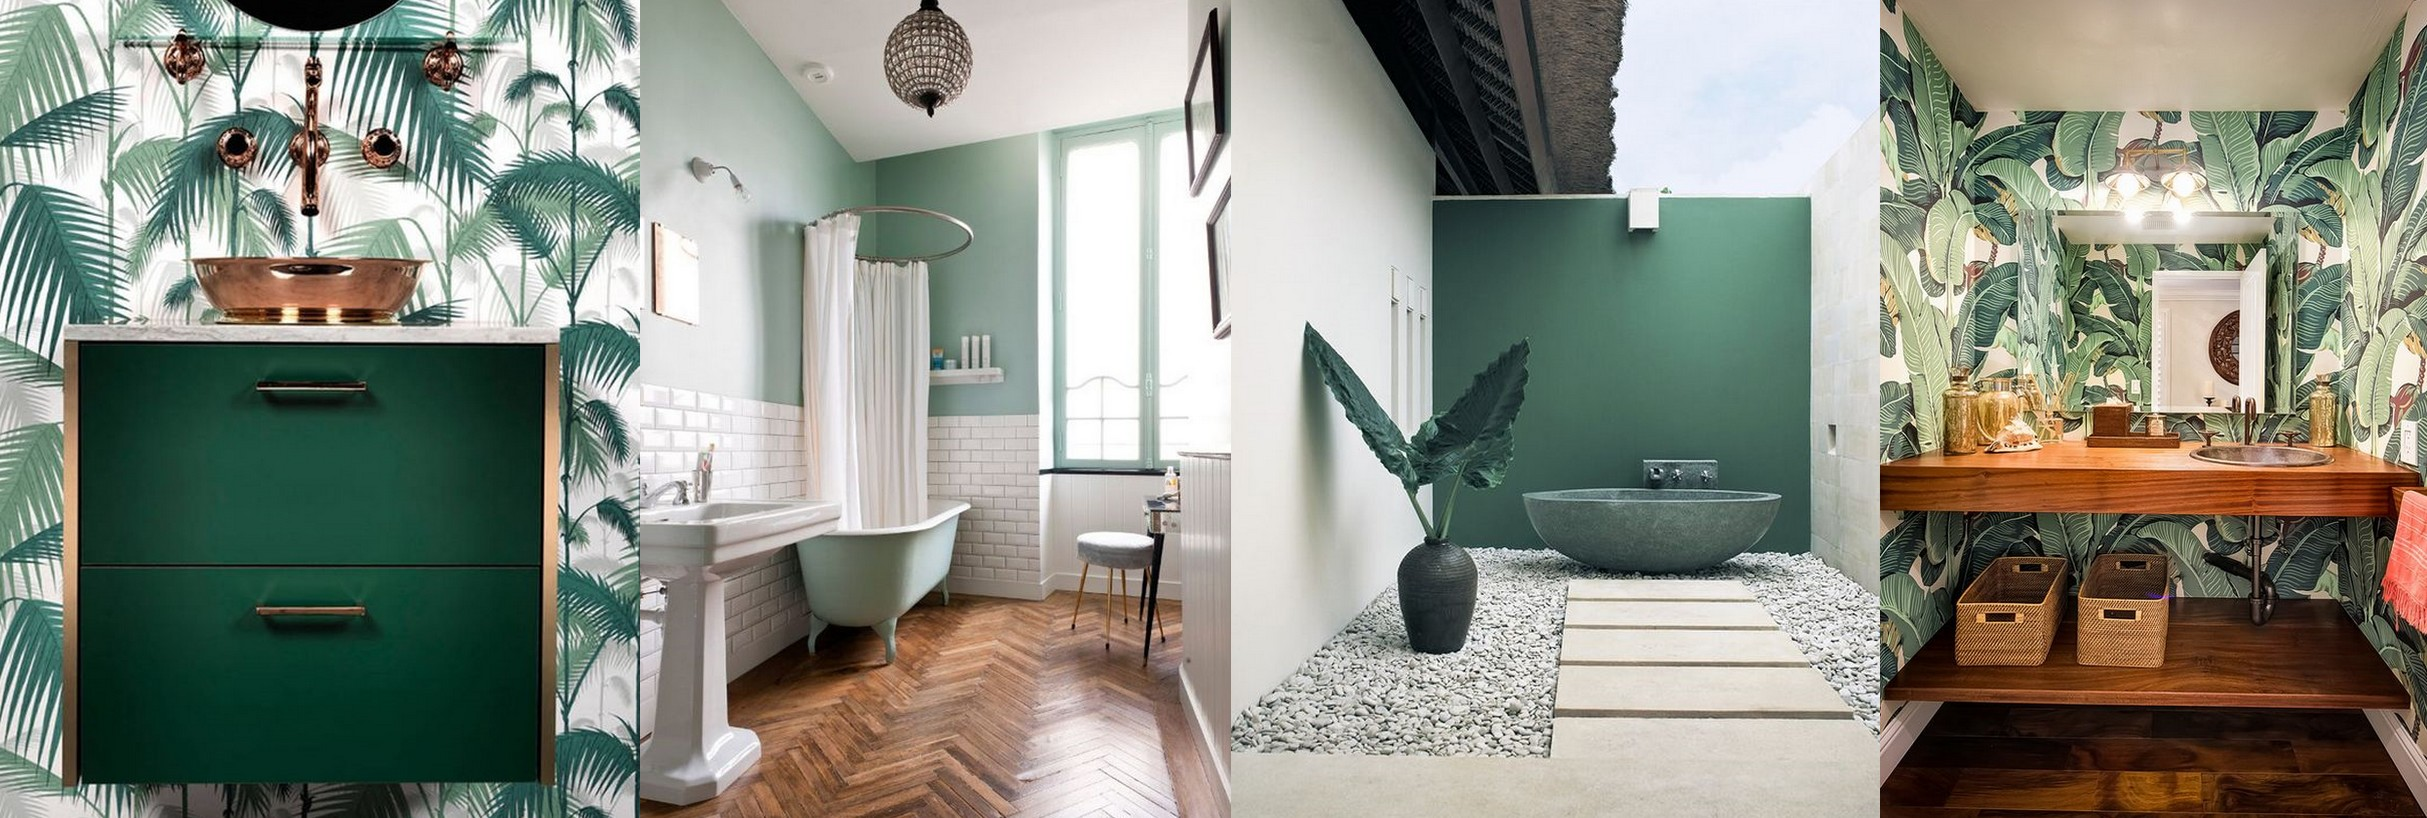 Vert (salle de bain).jpg